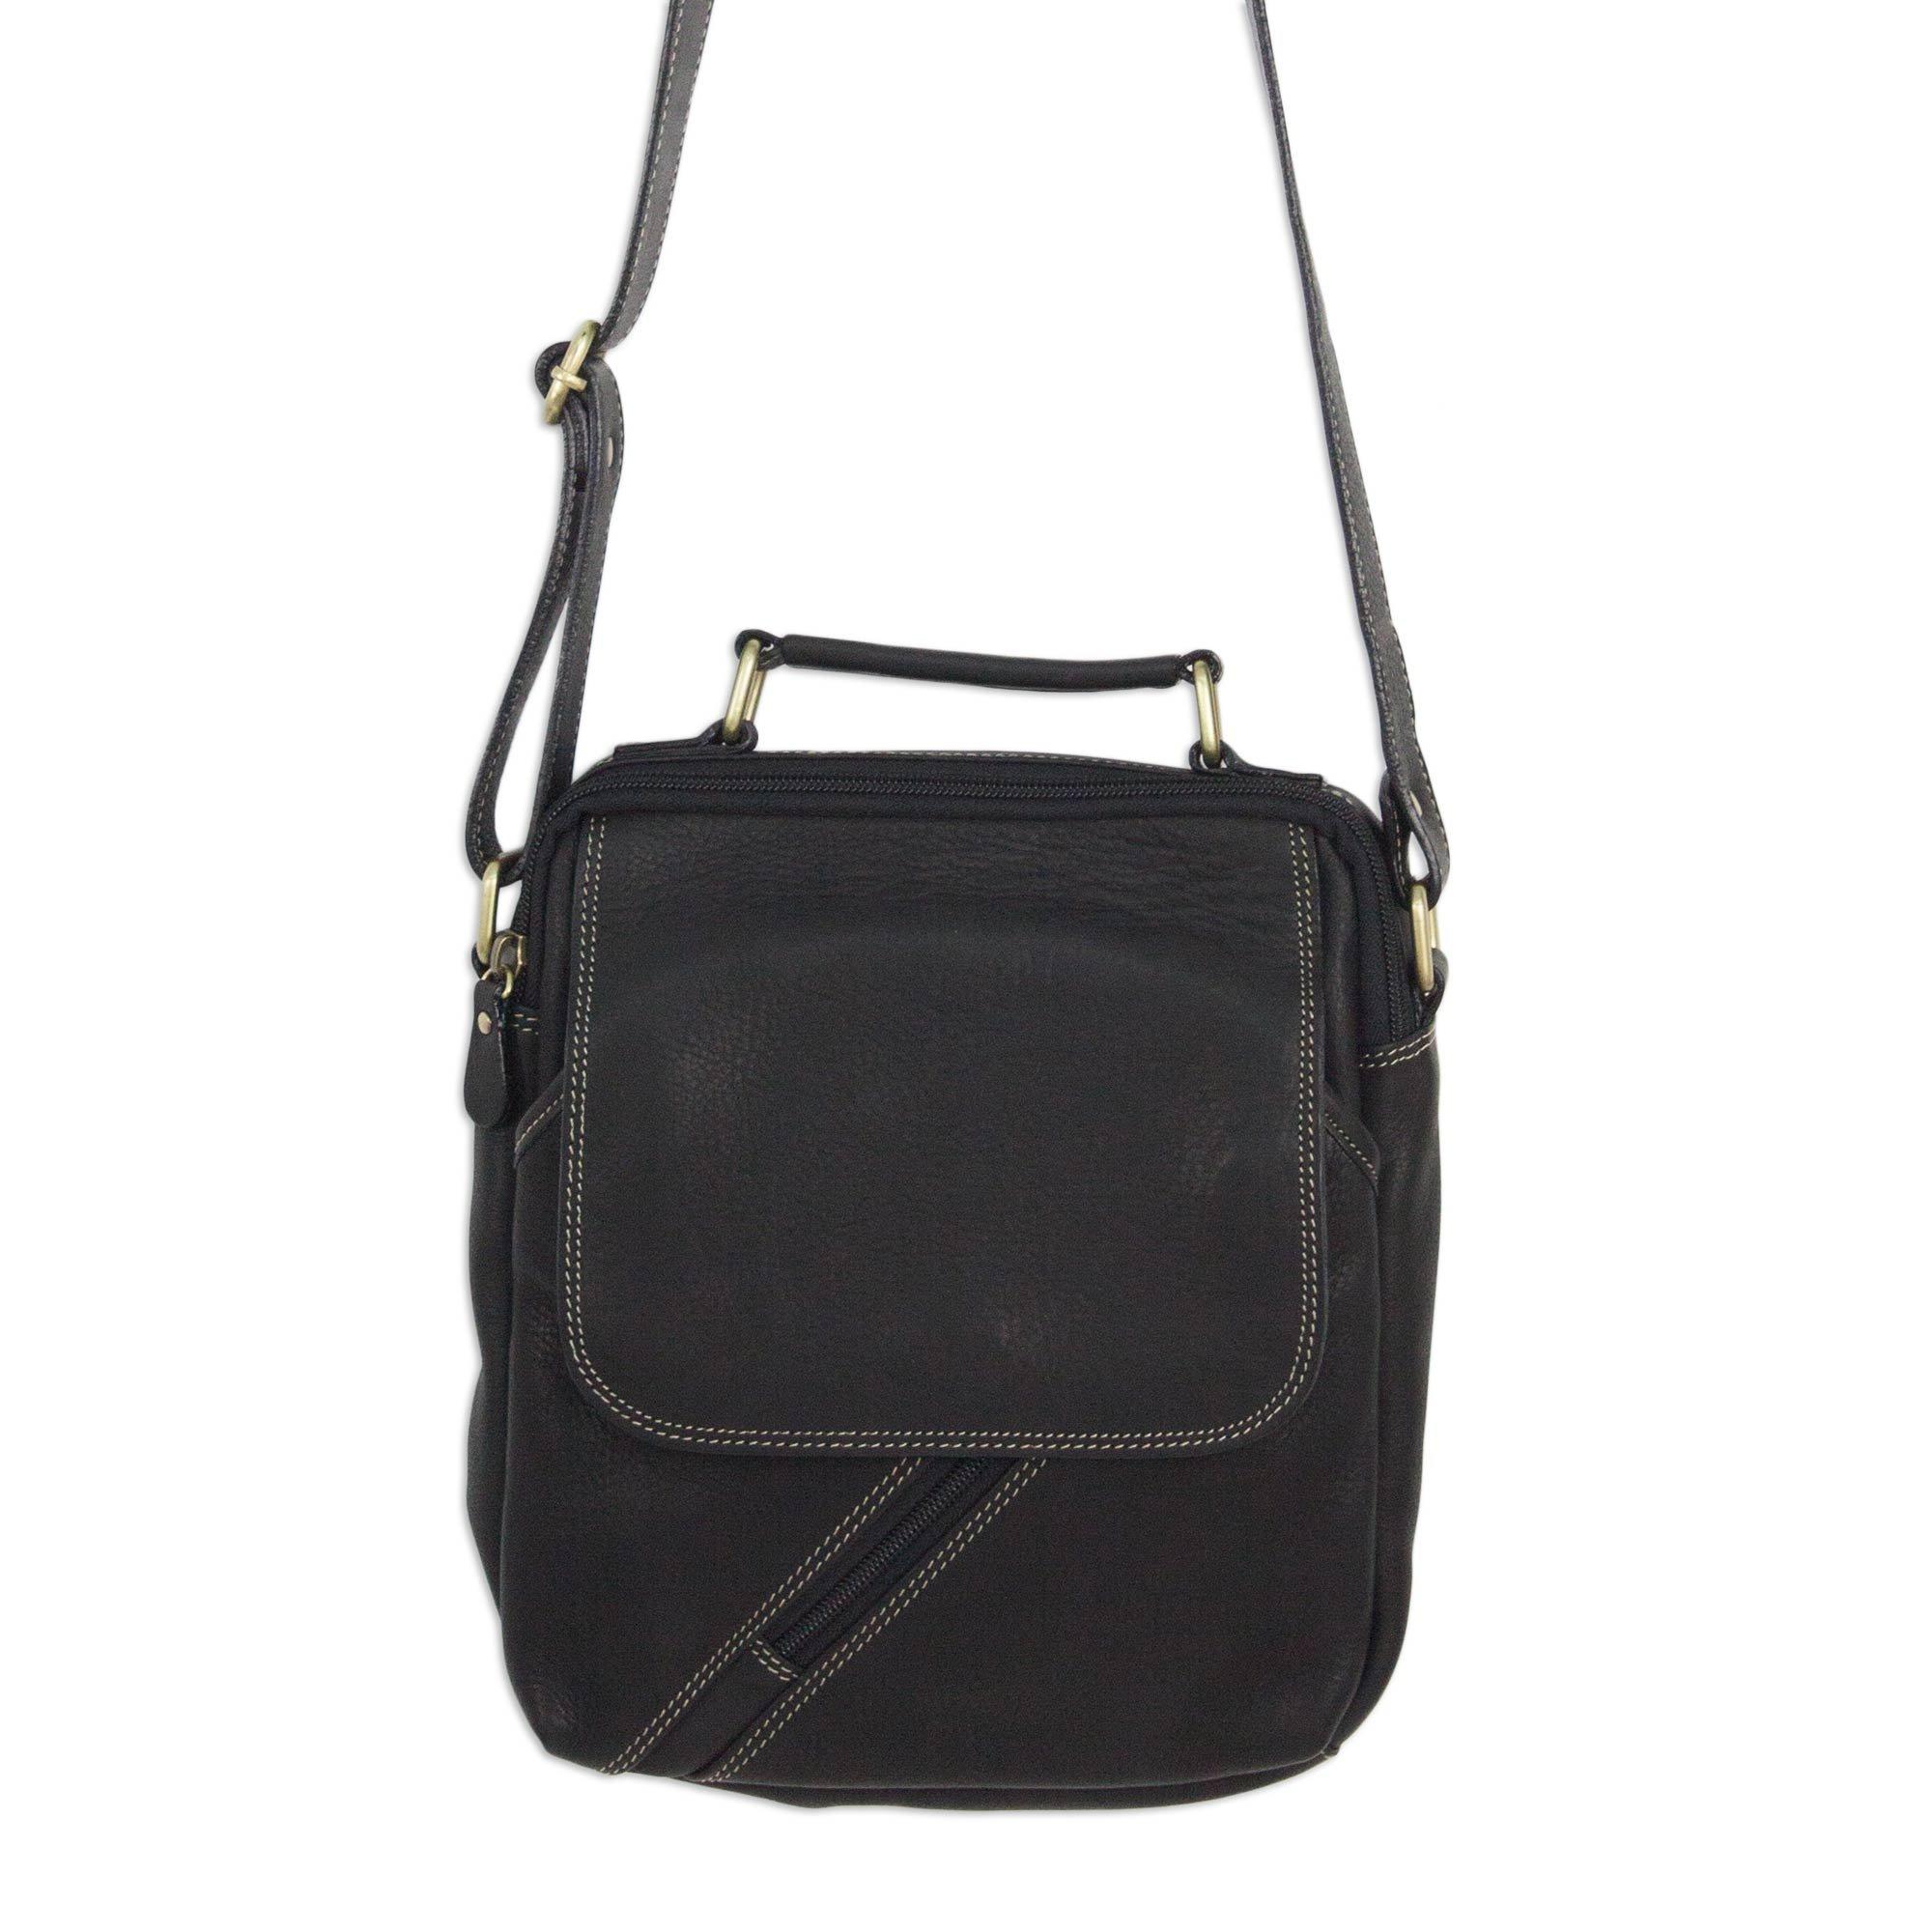 NOVICA Black Leather Shoulder Bag, 'Voyager In Black' by NOVICA